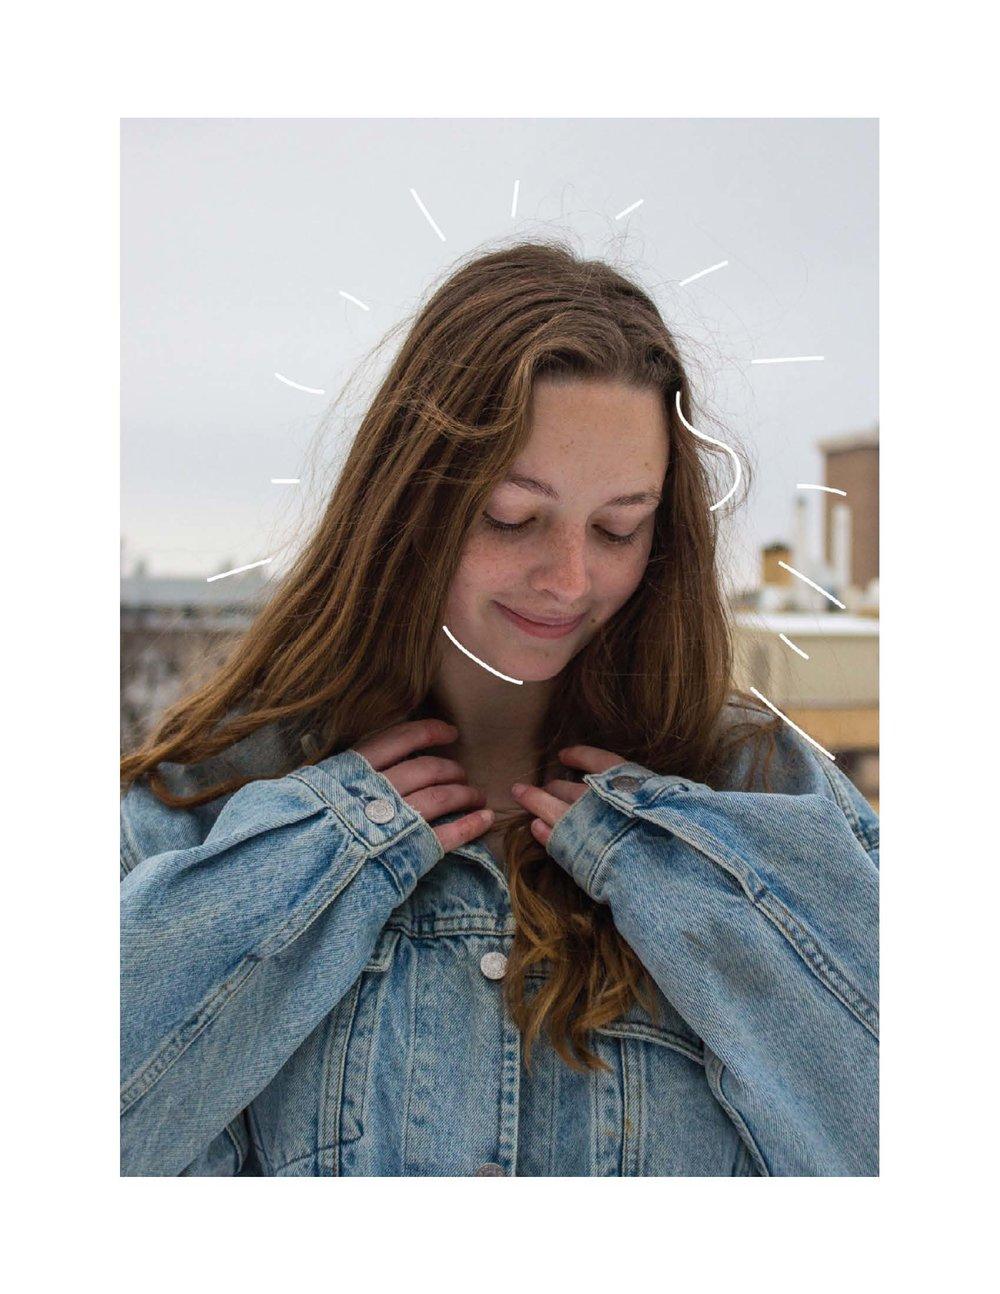 Kelsey4